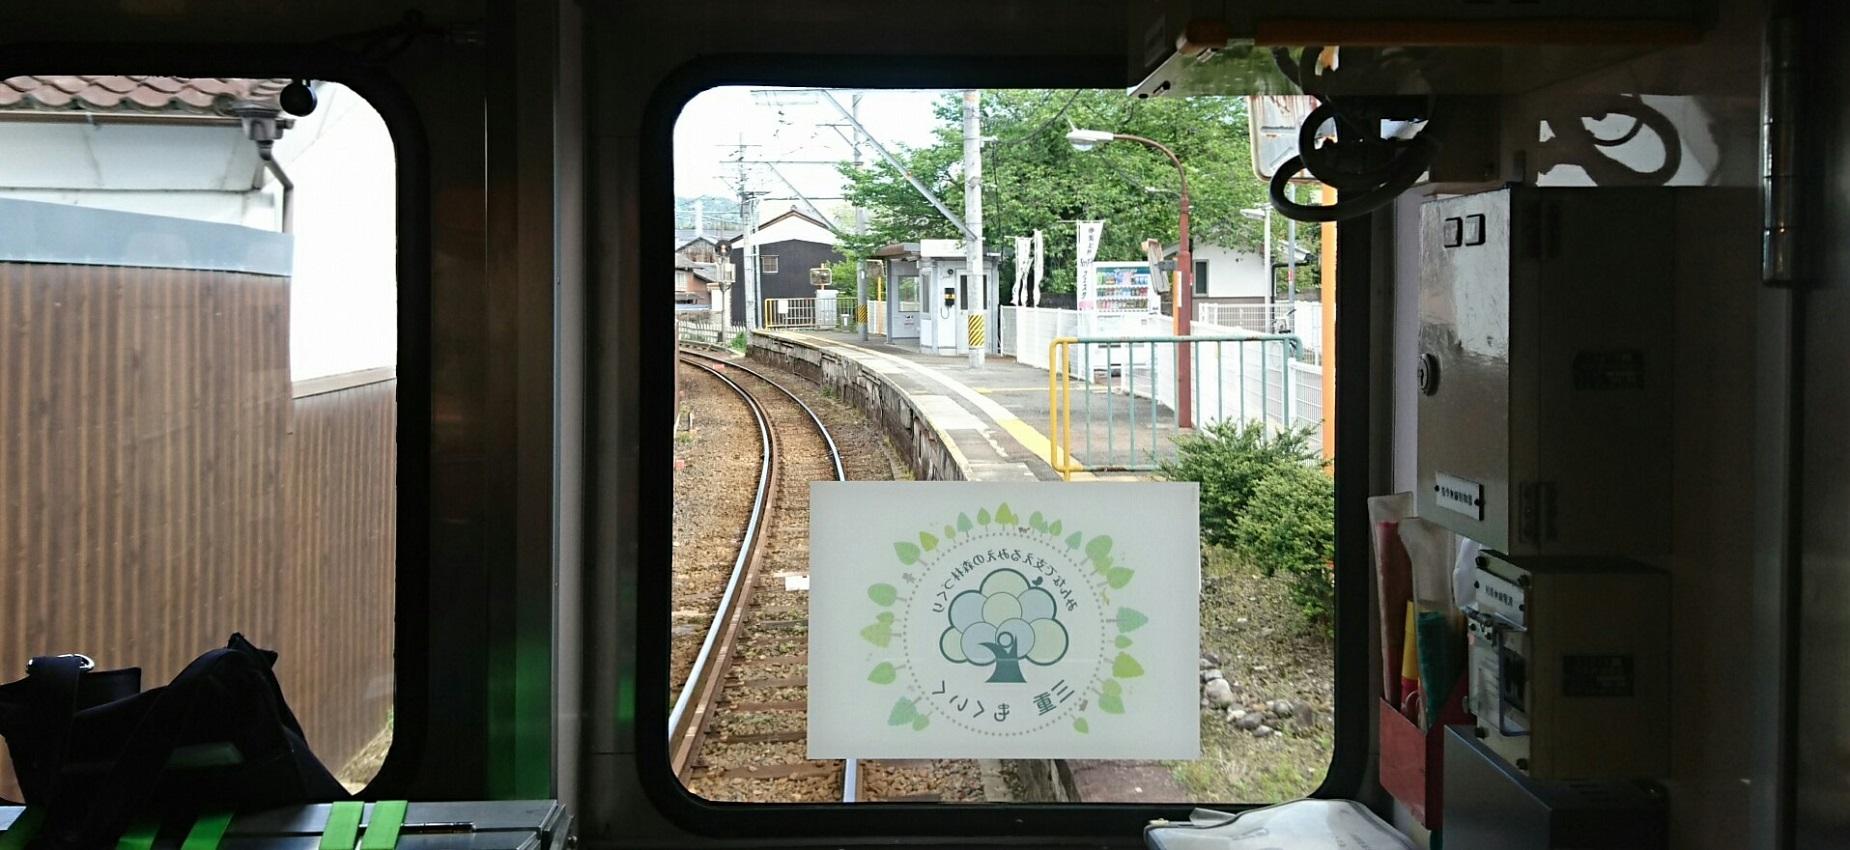 2018.4.26 上野 (39) 伊賀神戸いきふつう - 広小路 1850-850